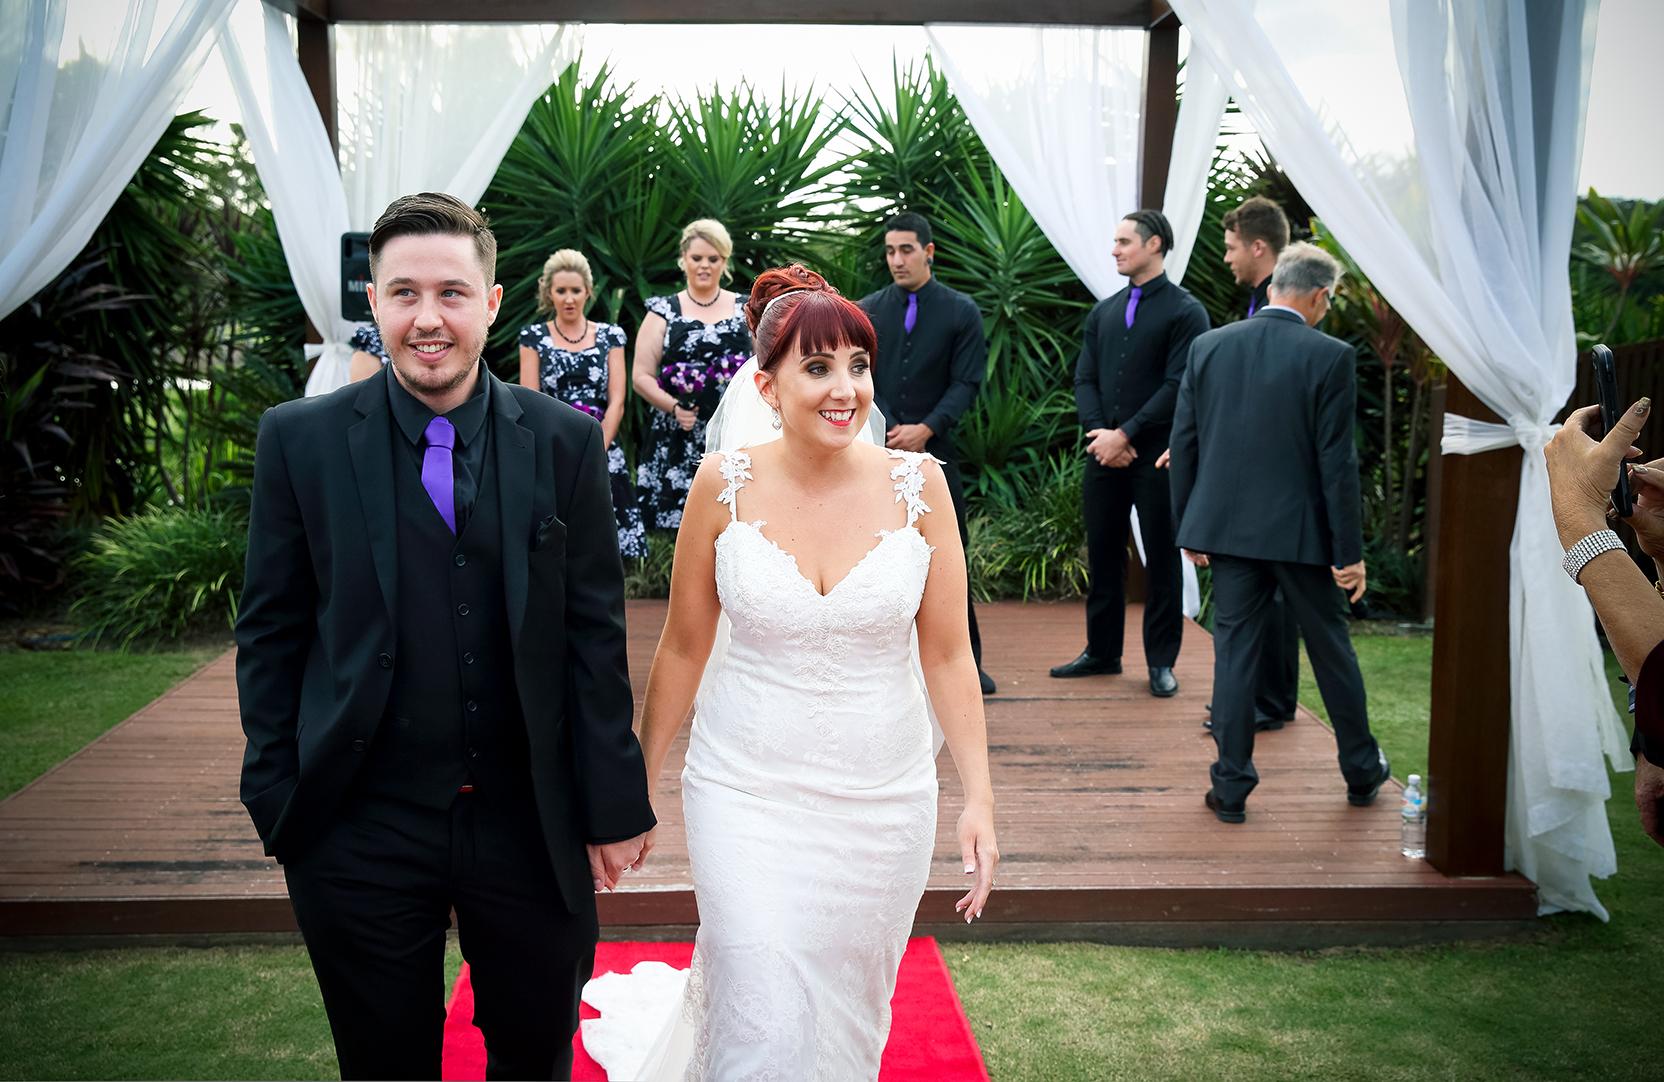 Parkwood Village Weddings